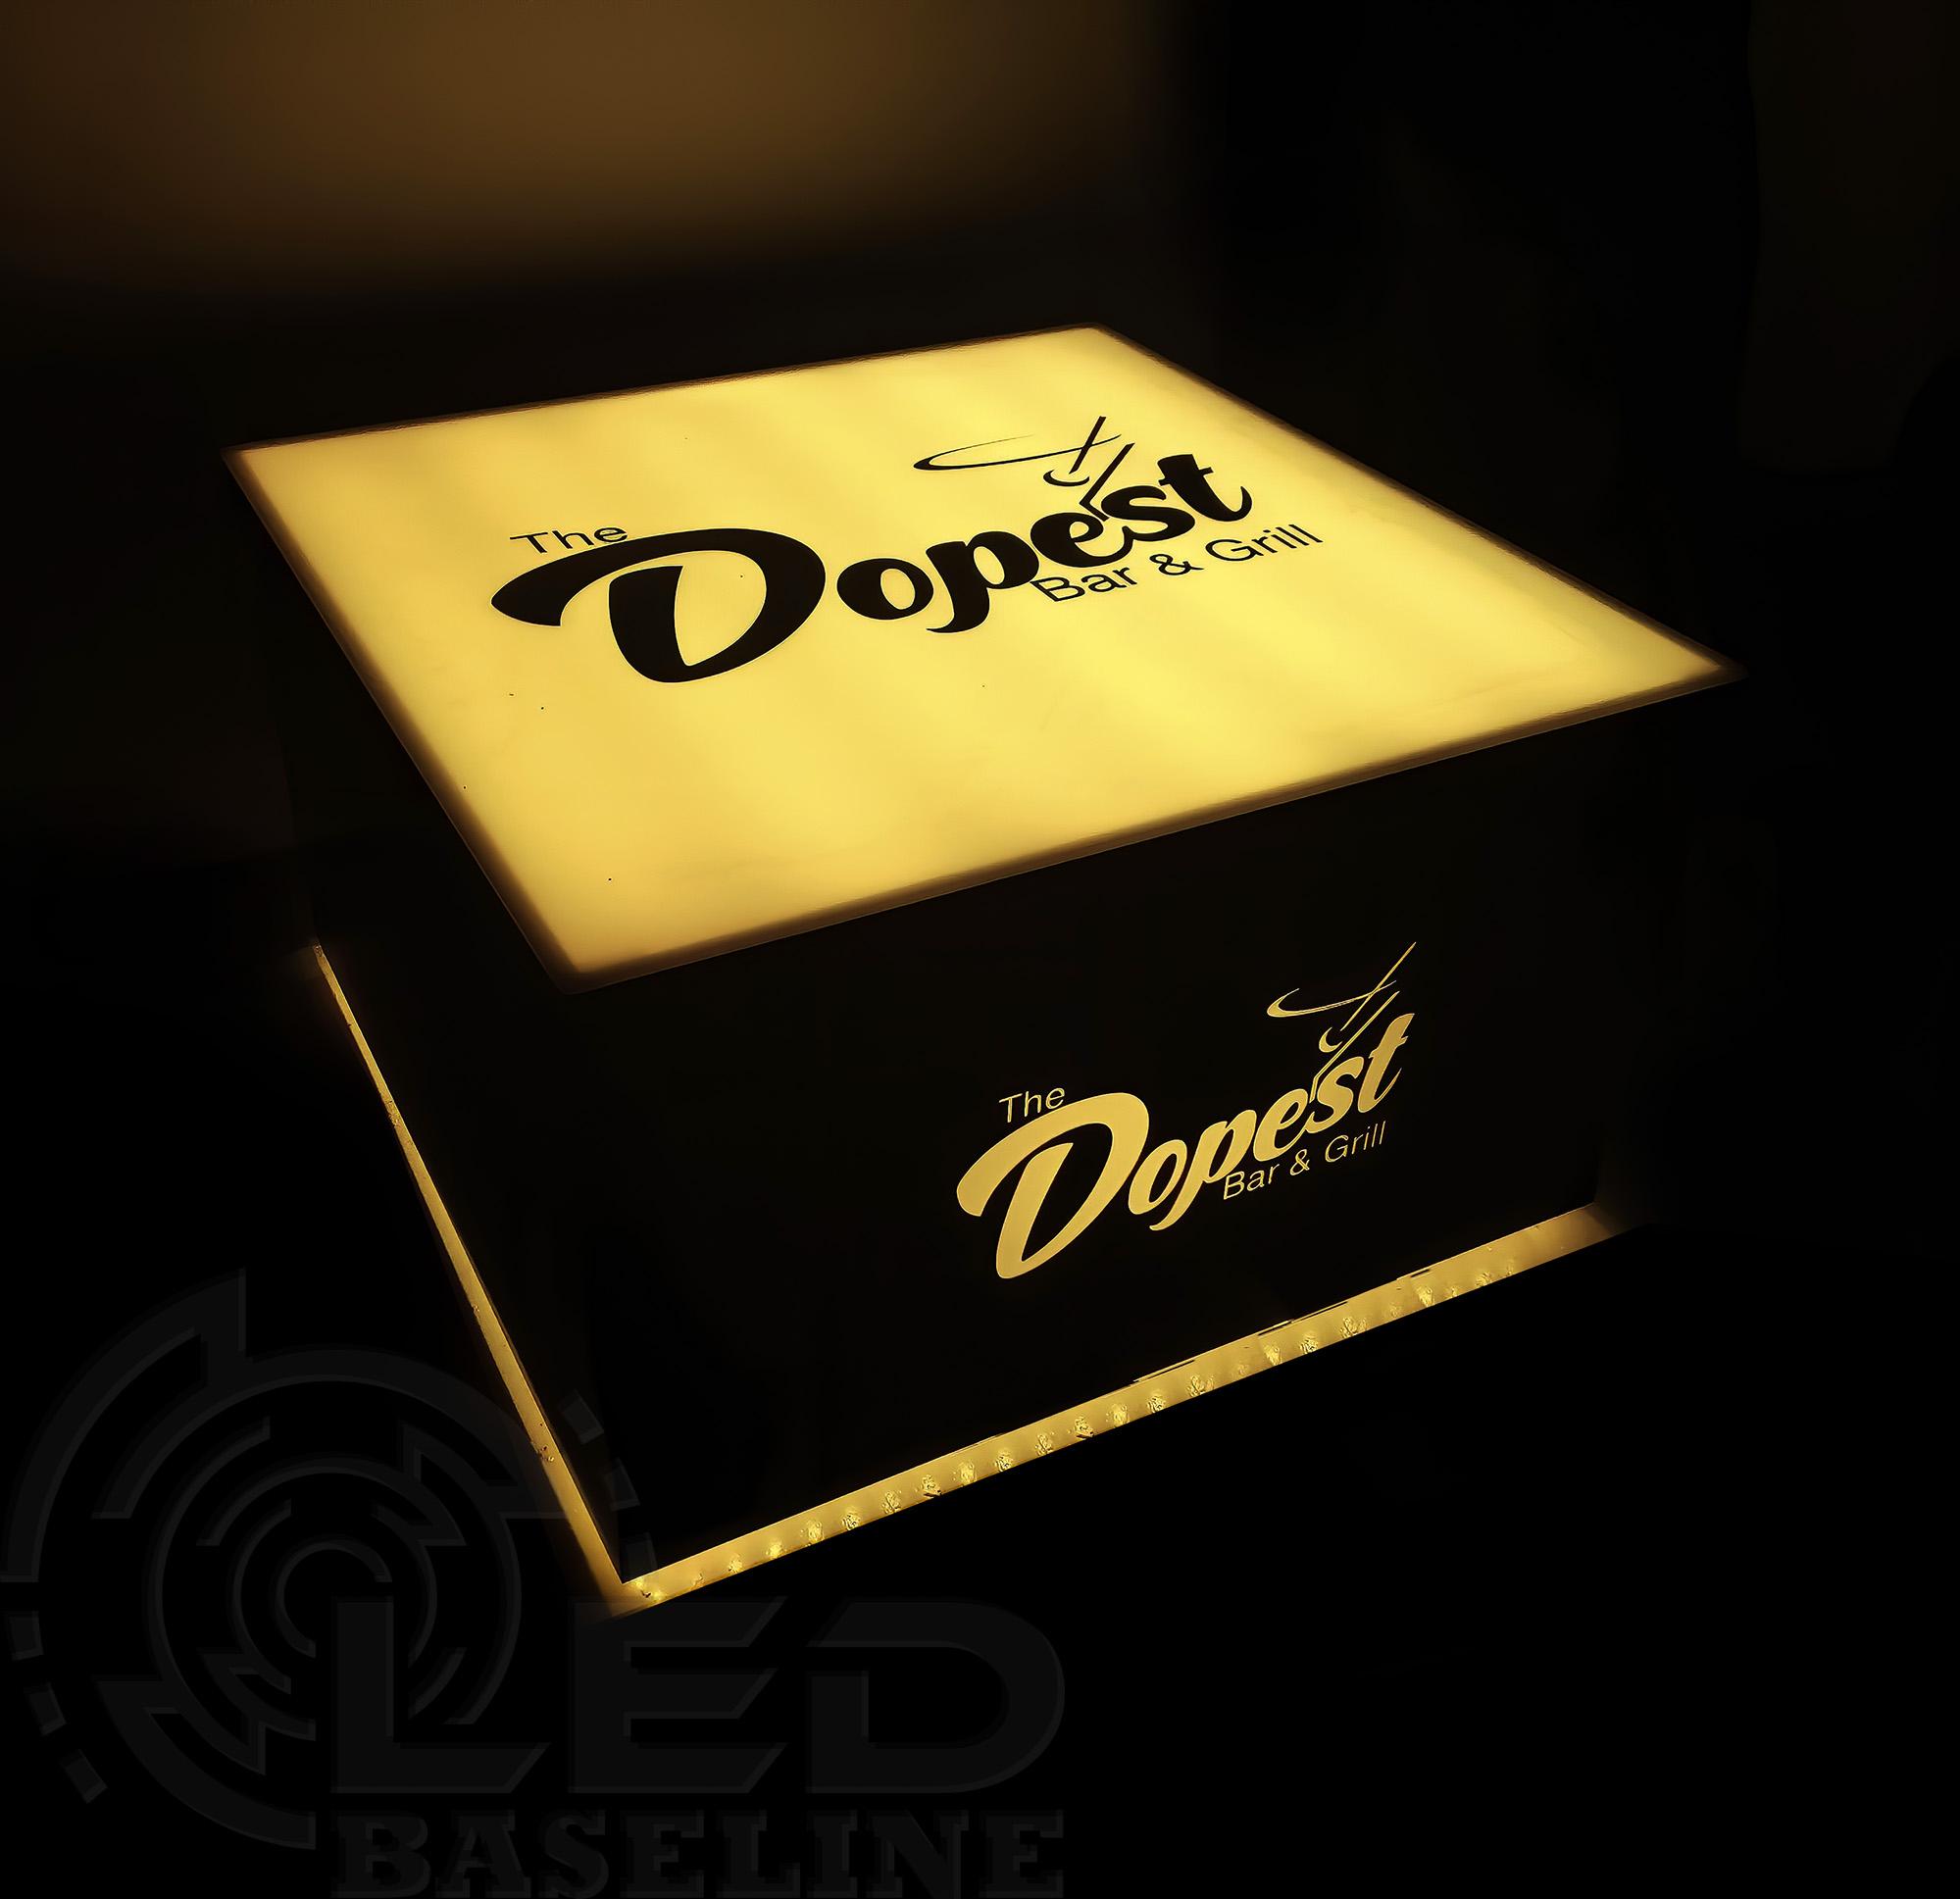 Dopest-Gold-denoise